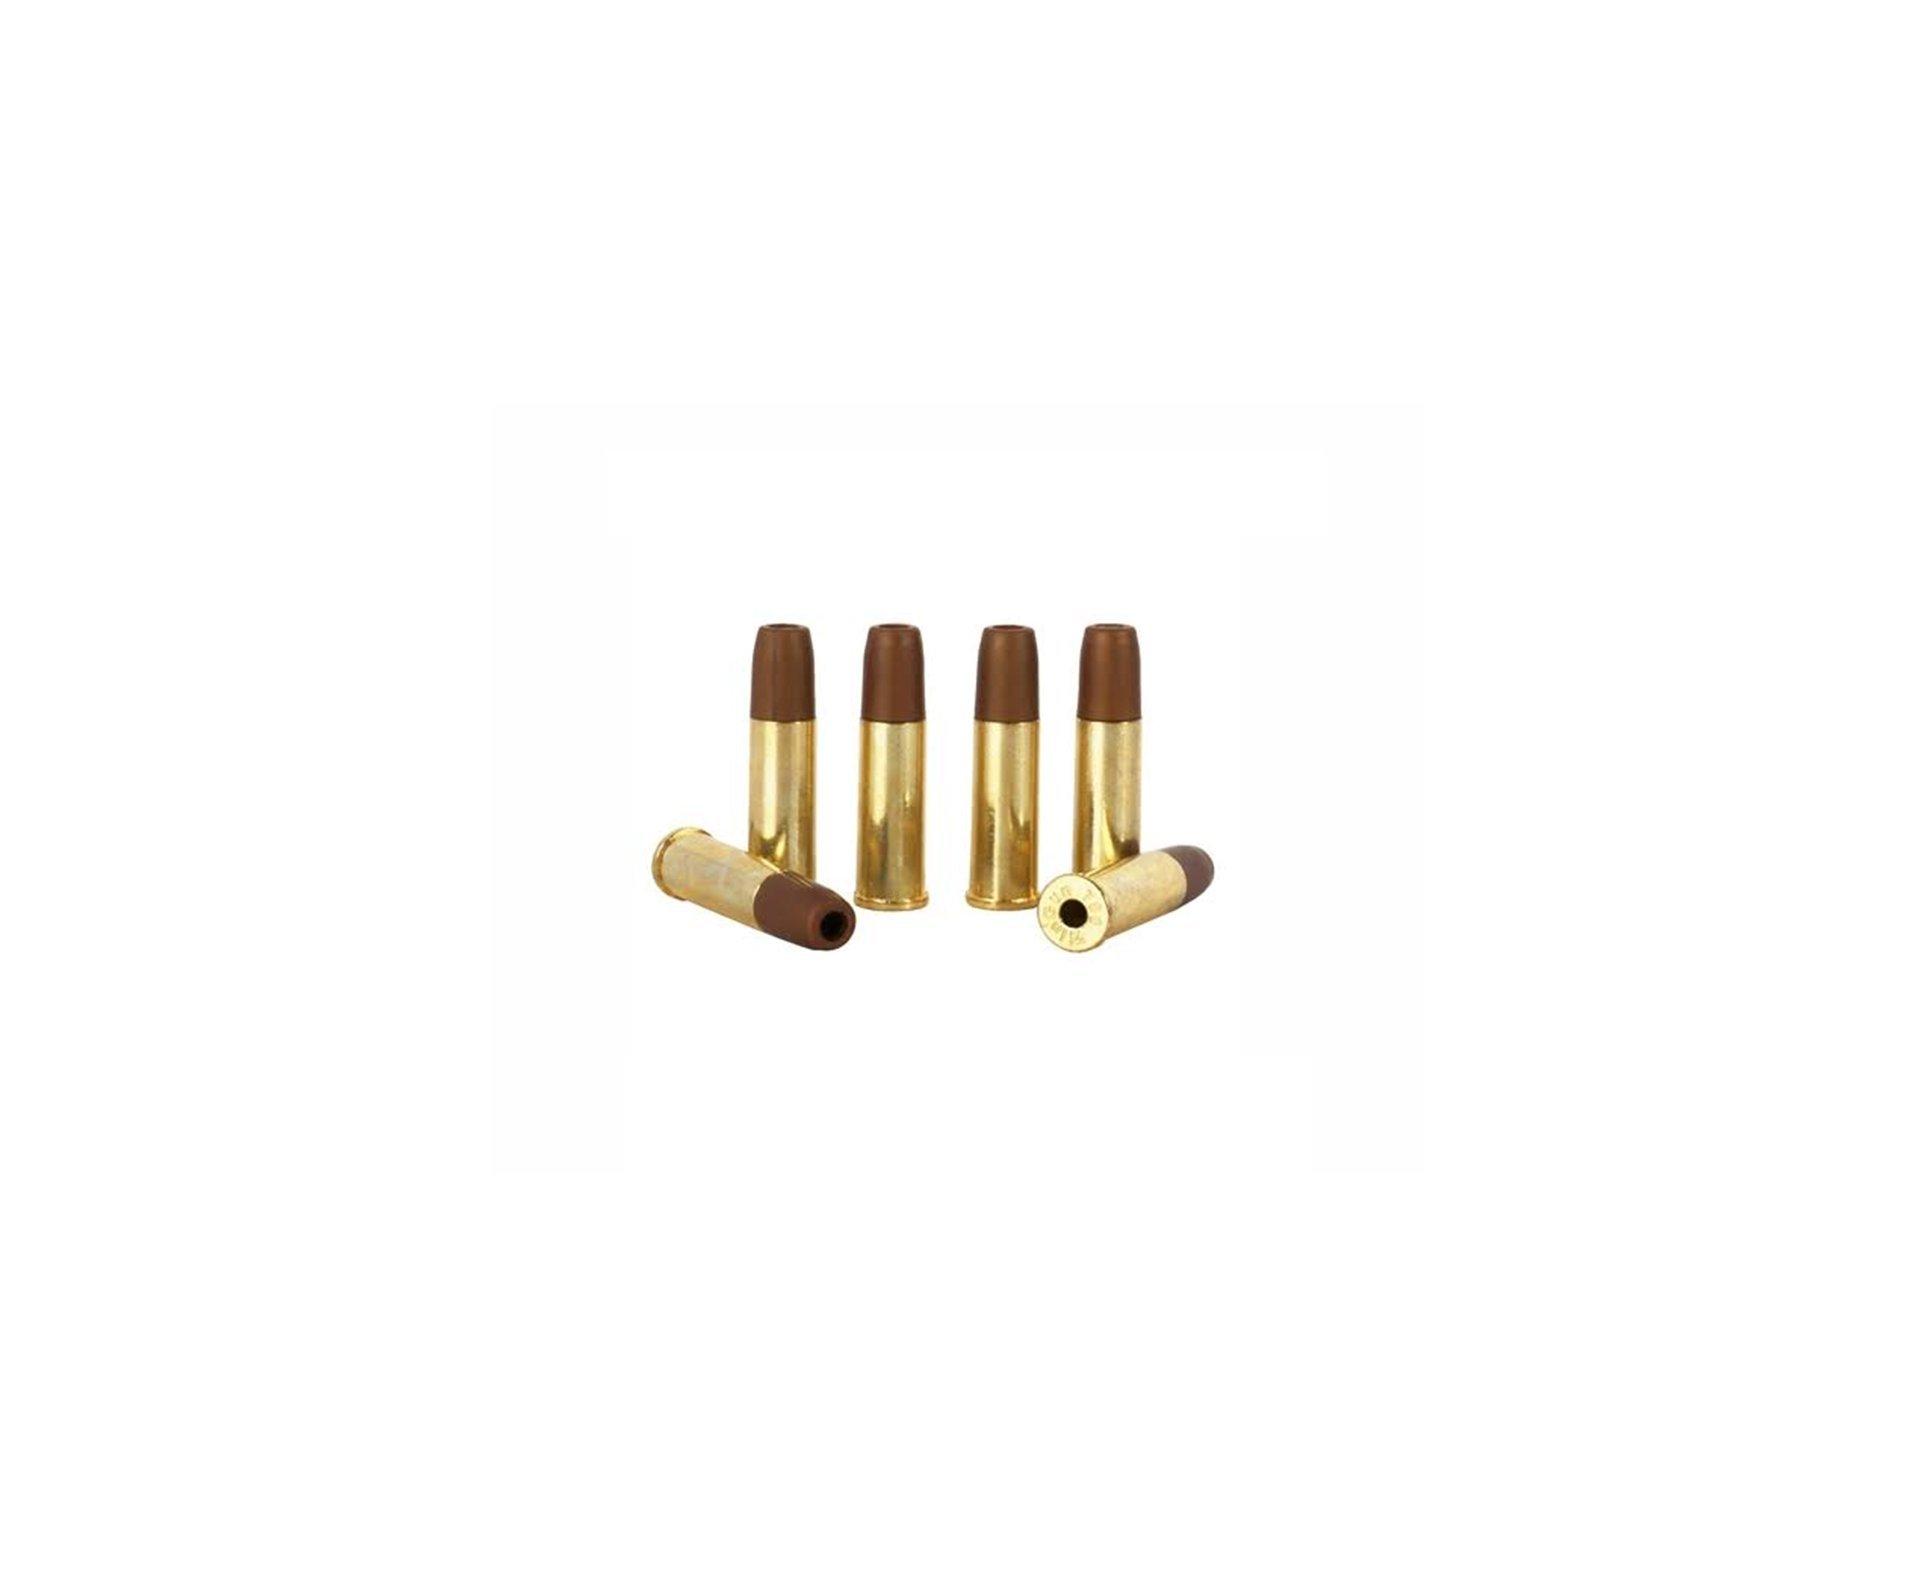 Cápsula /magazine Para Revólver De Pressão Co2 Rossi M701 E Asg Dan Wesson 4,5mm